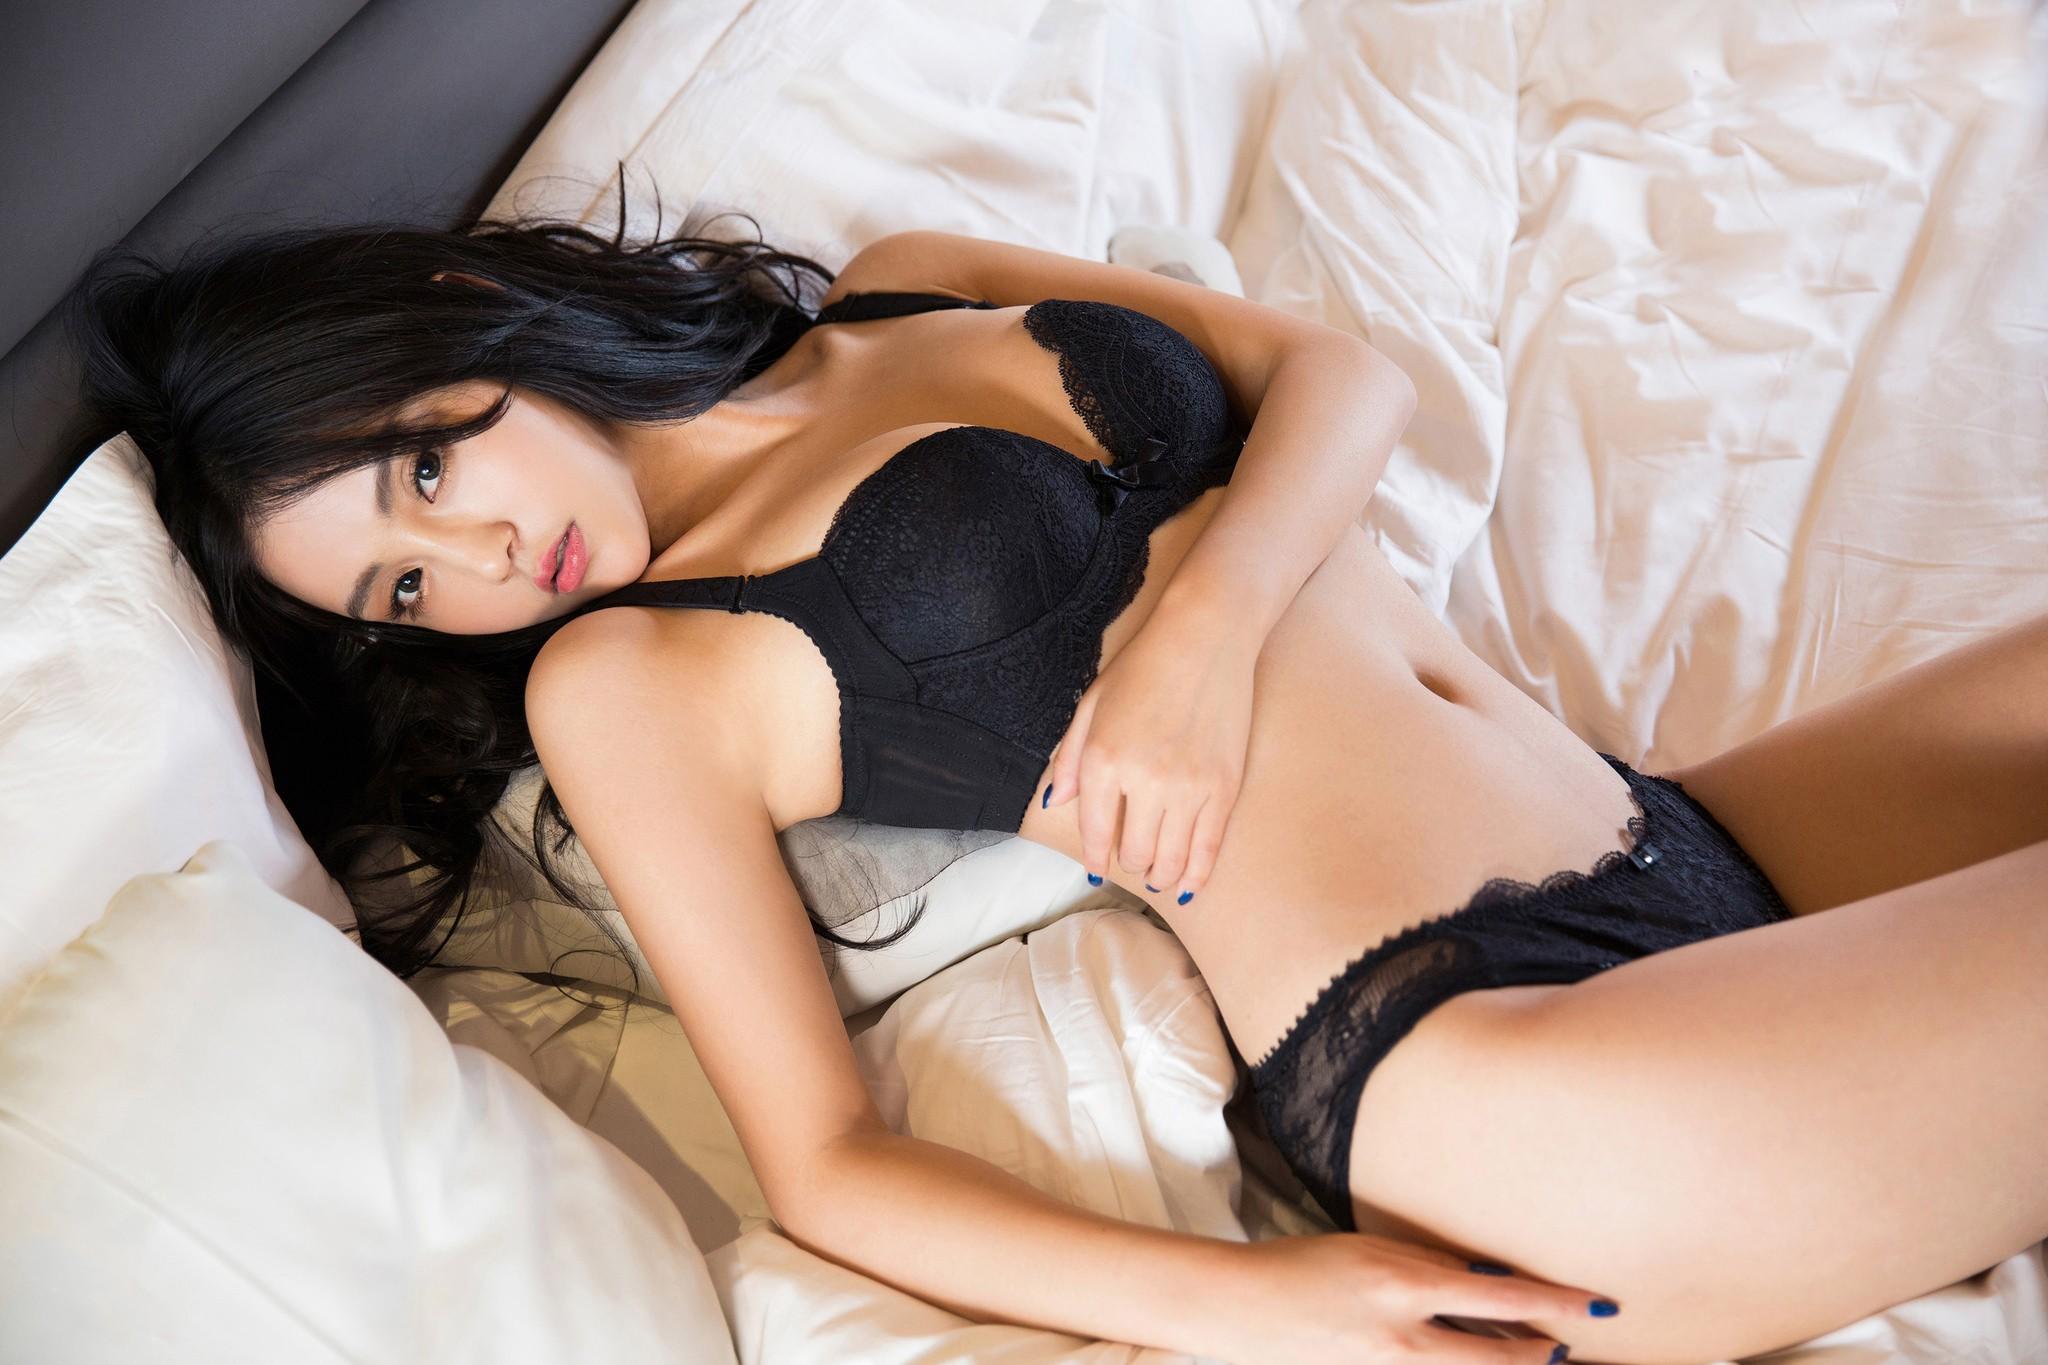 самые сексуальные азиатки в кружевах - 7